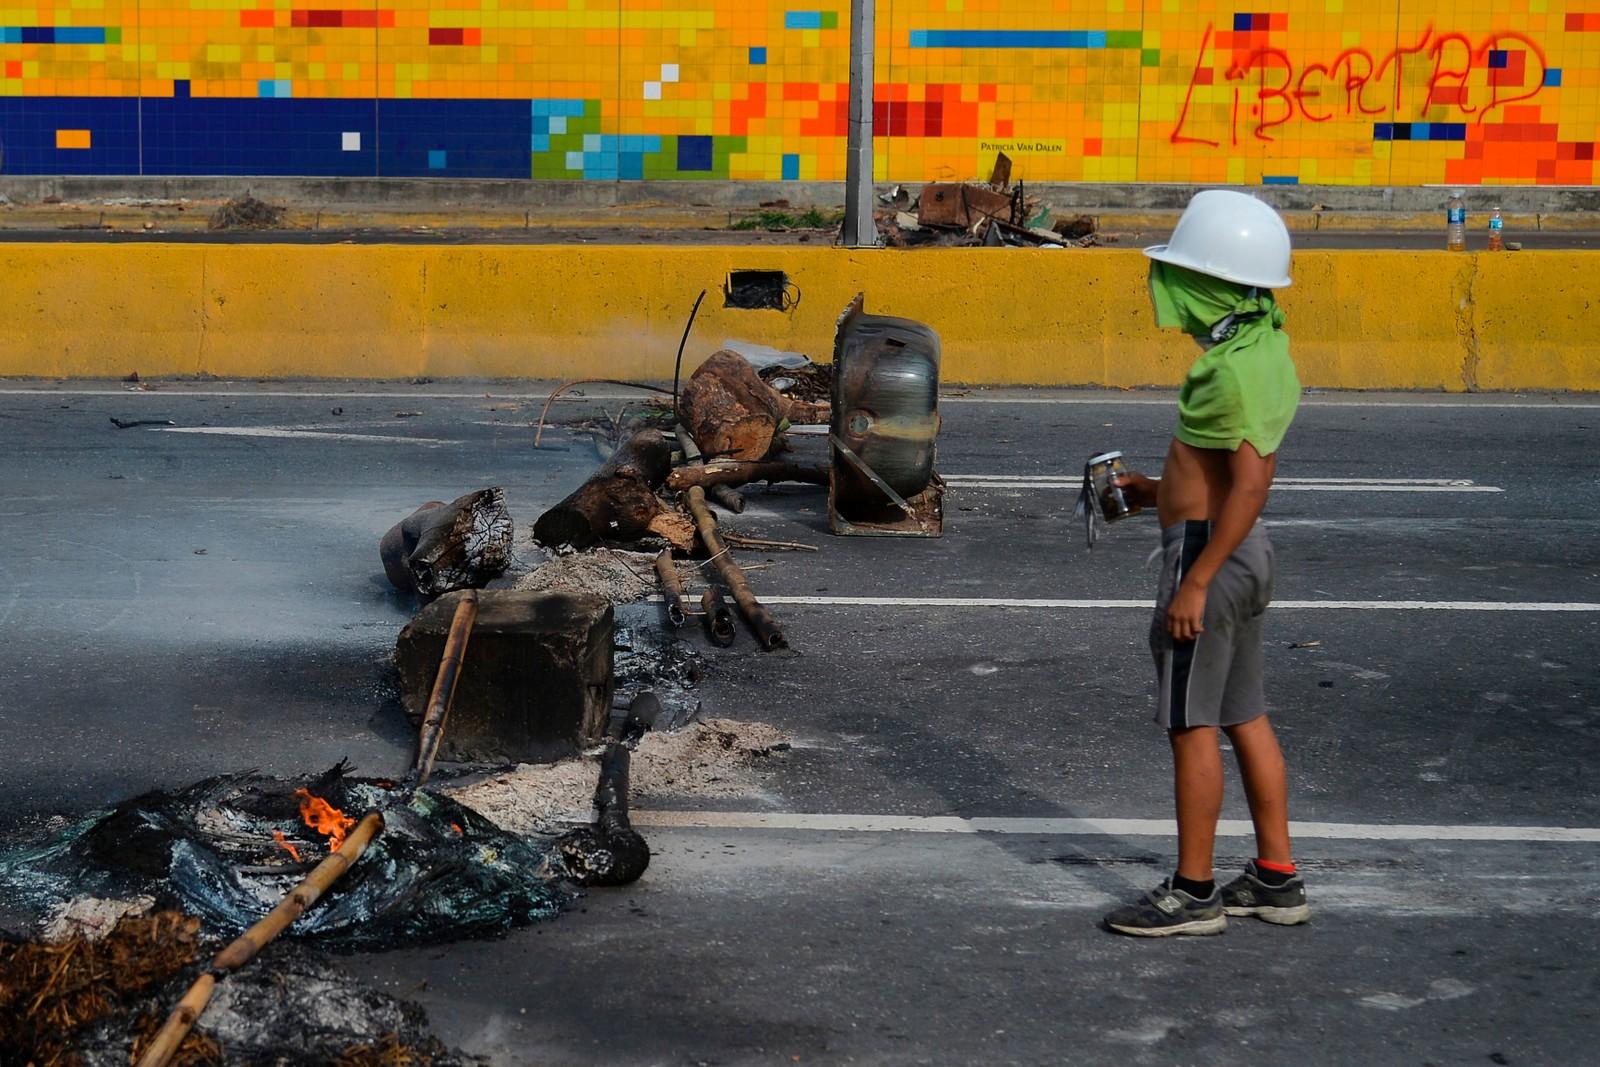 En ung demonstrant ved en veisperring i Caracas. Demonstrasjonene mot president Nicolas Maduro har pågått siden april.